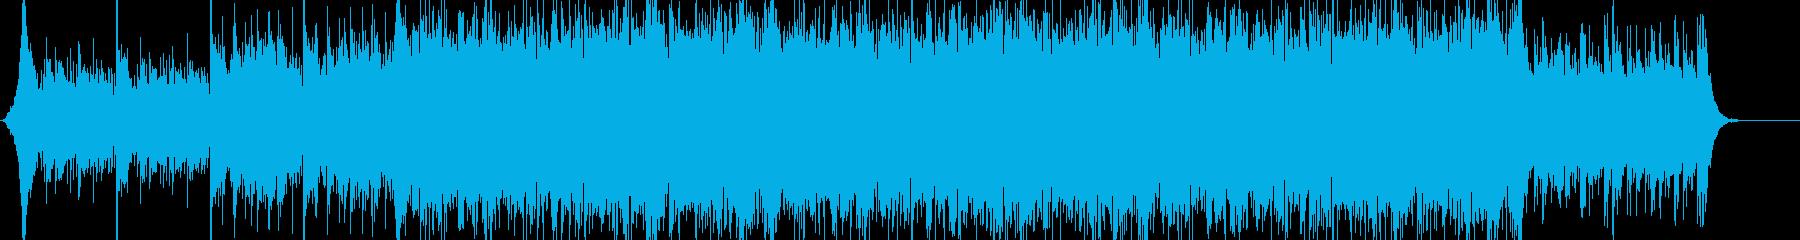 サスペンス系 スリリングで緊迫した曲の再生済みの波形